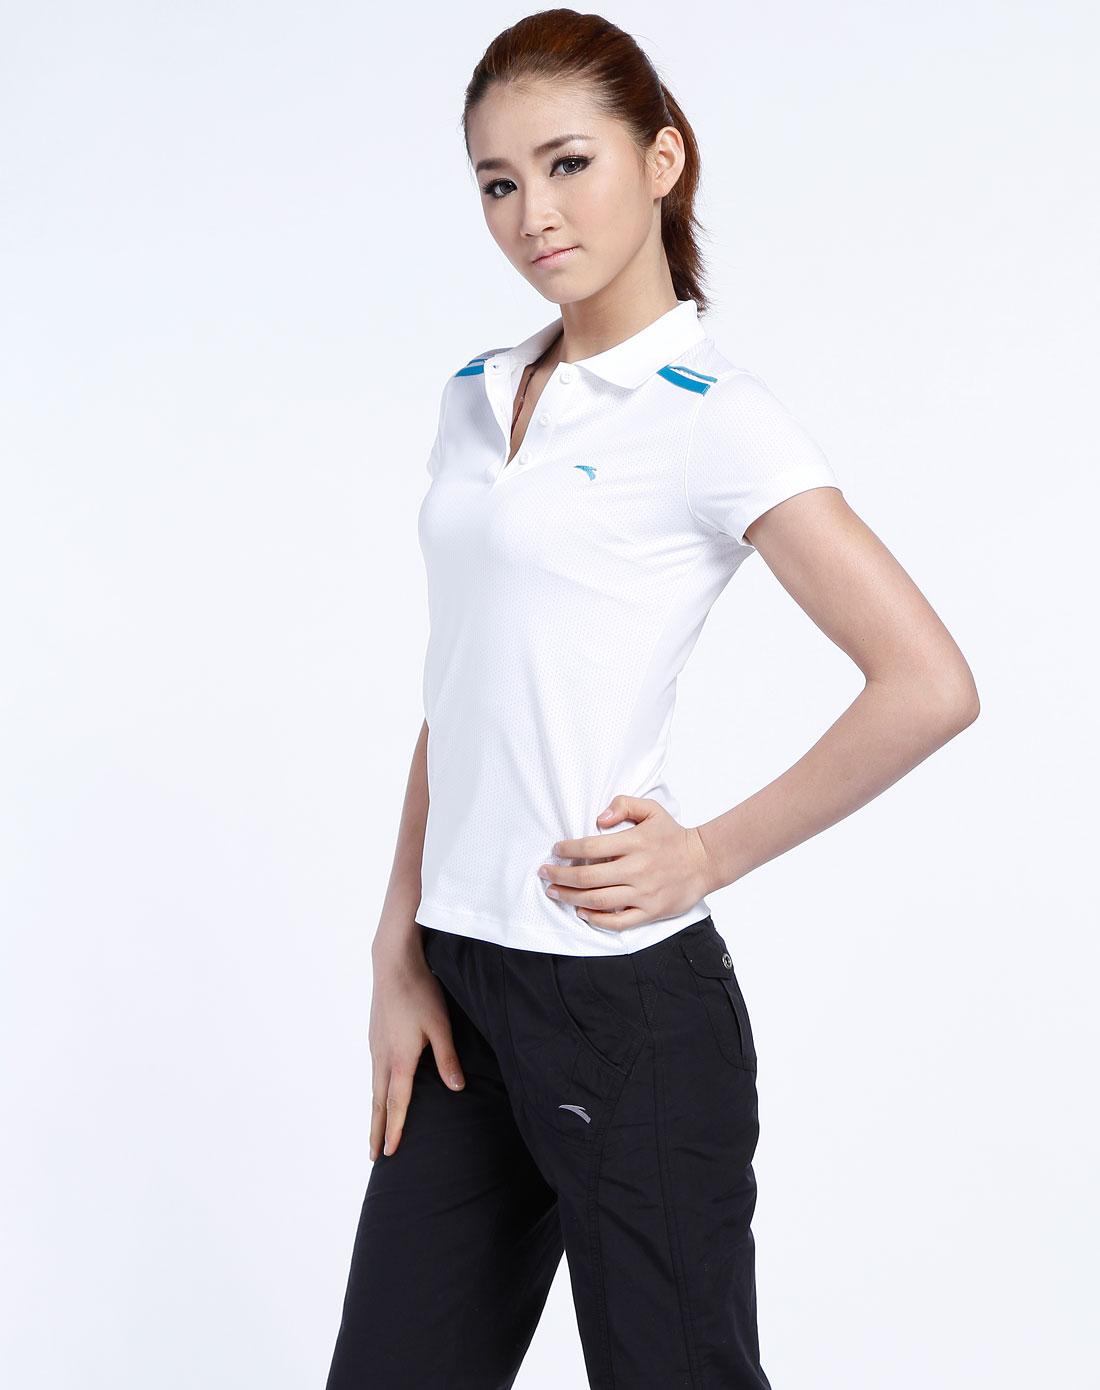 一女多男抽�_安踏anta男女装混合专场-女款 白色反领短袖t恤3